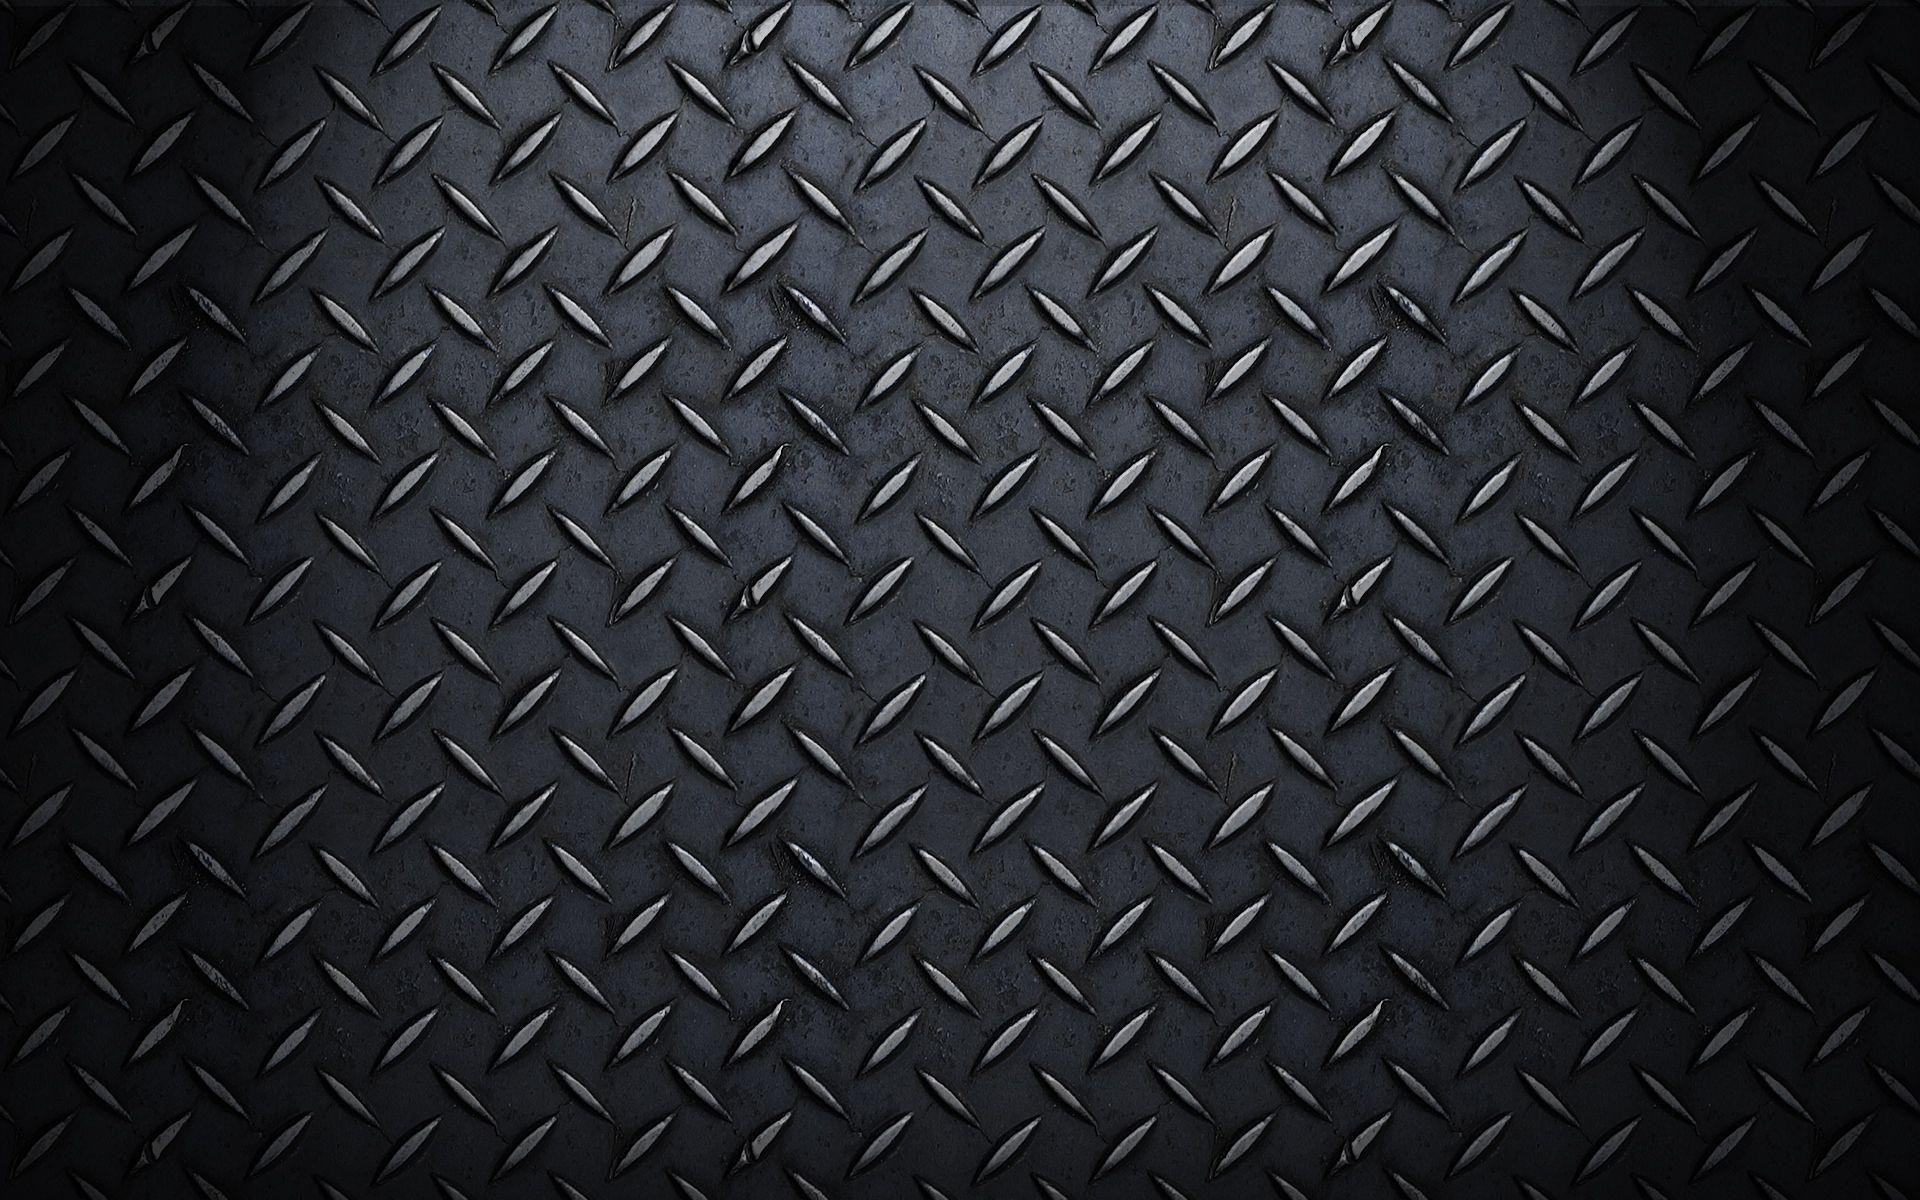 Black Steel Background (32+ Images